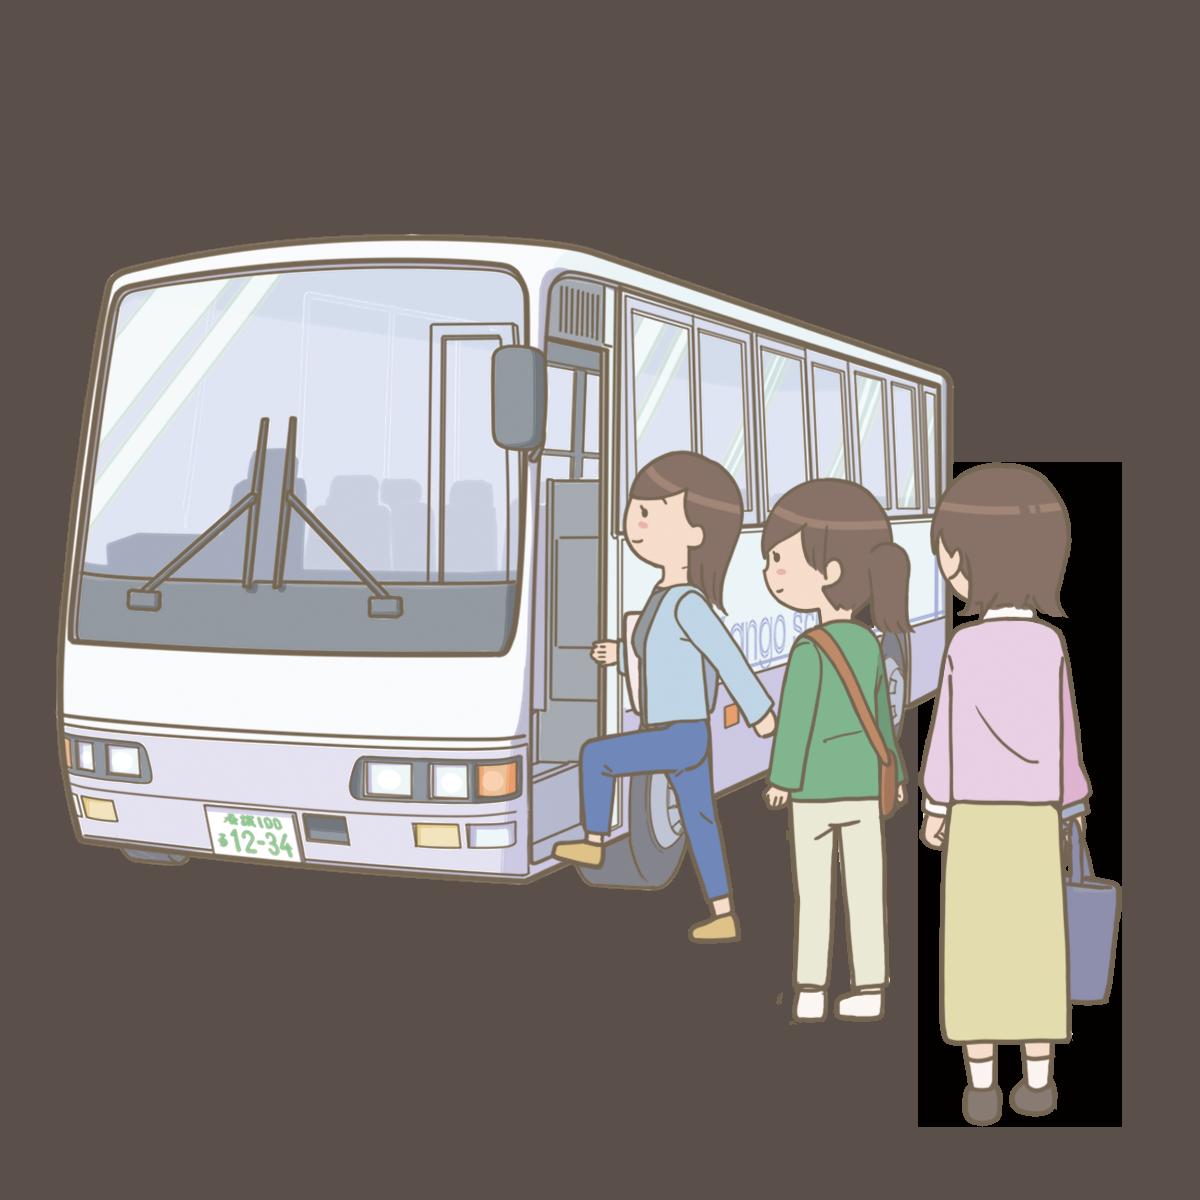 「バス画像 フリー」の画像検索結果